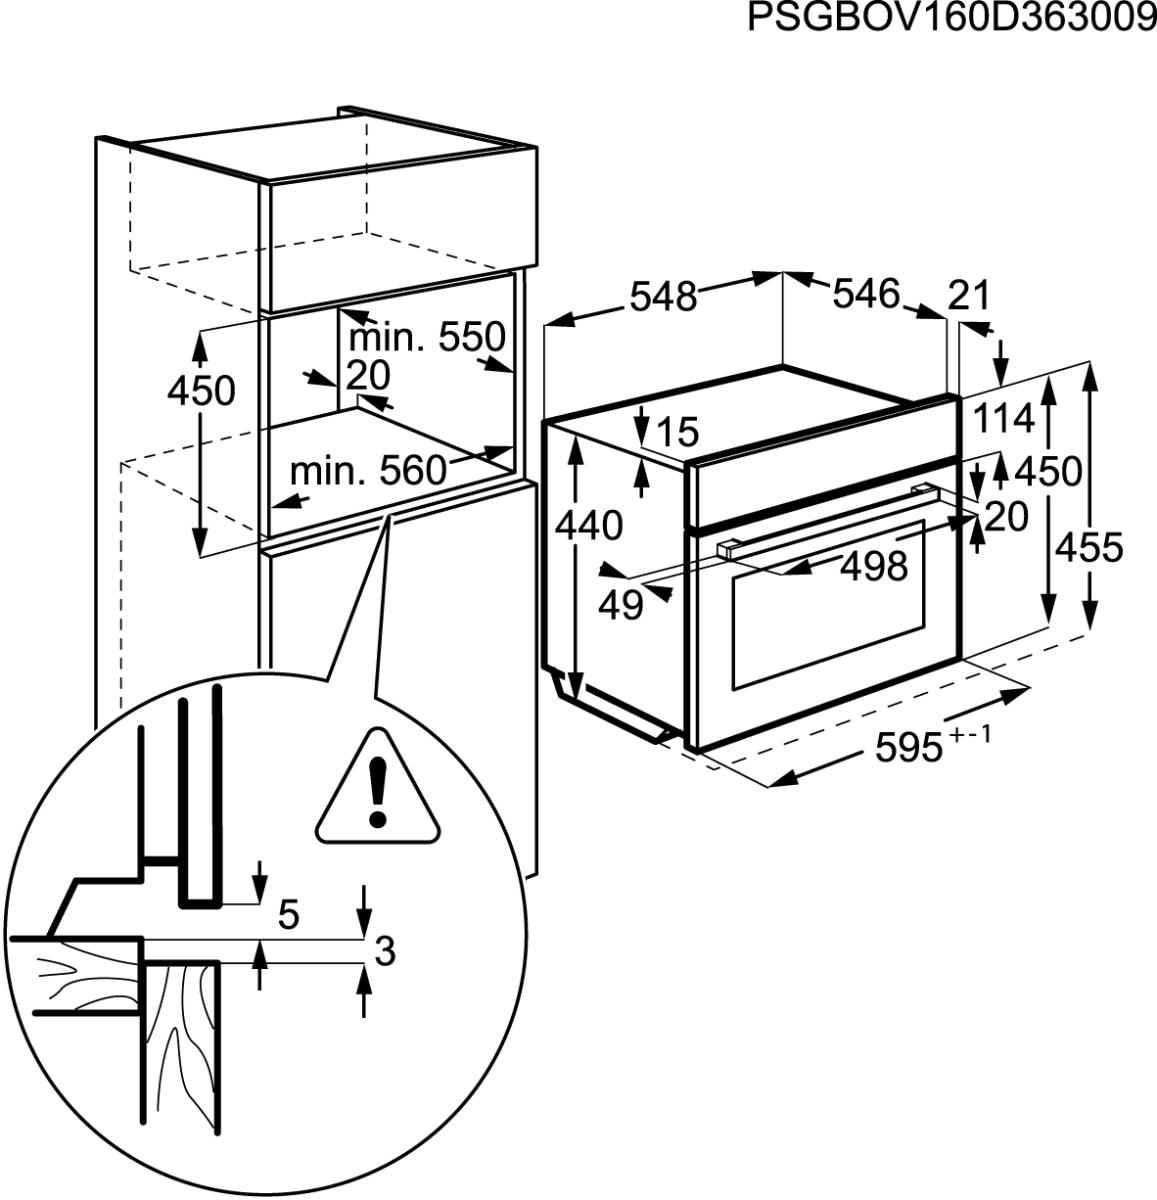 aeg ksk782220m kompakt backofen 45cm hoch g nstig kaufen. Black Bedroom Furniture Sets. Home Design Ideas